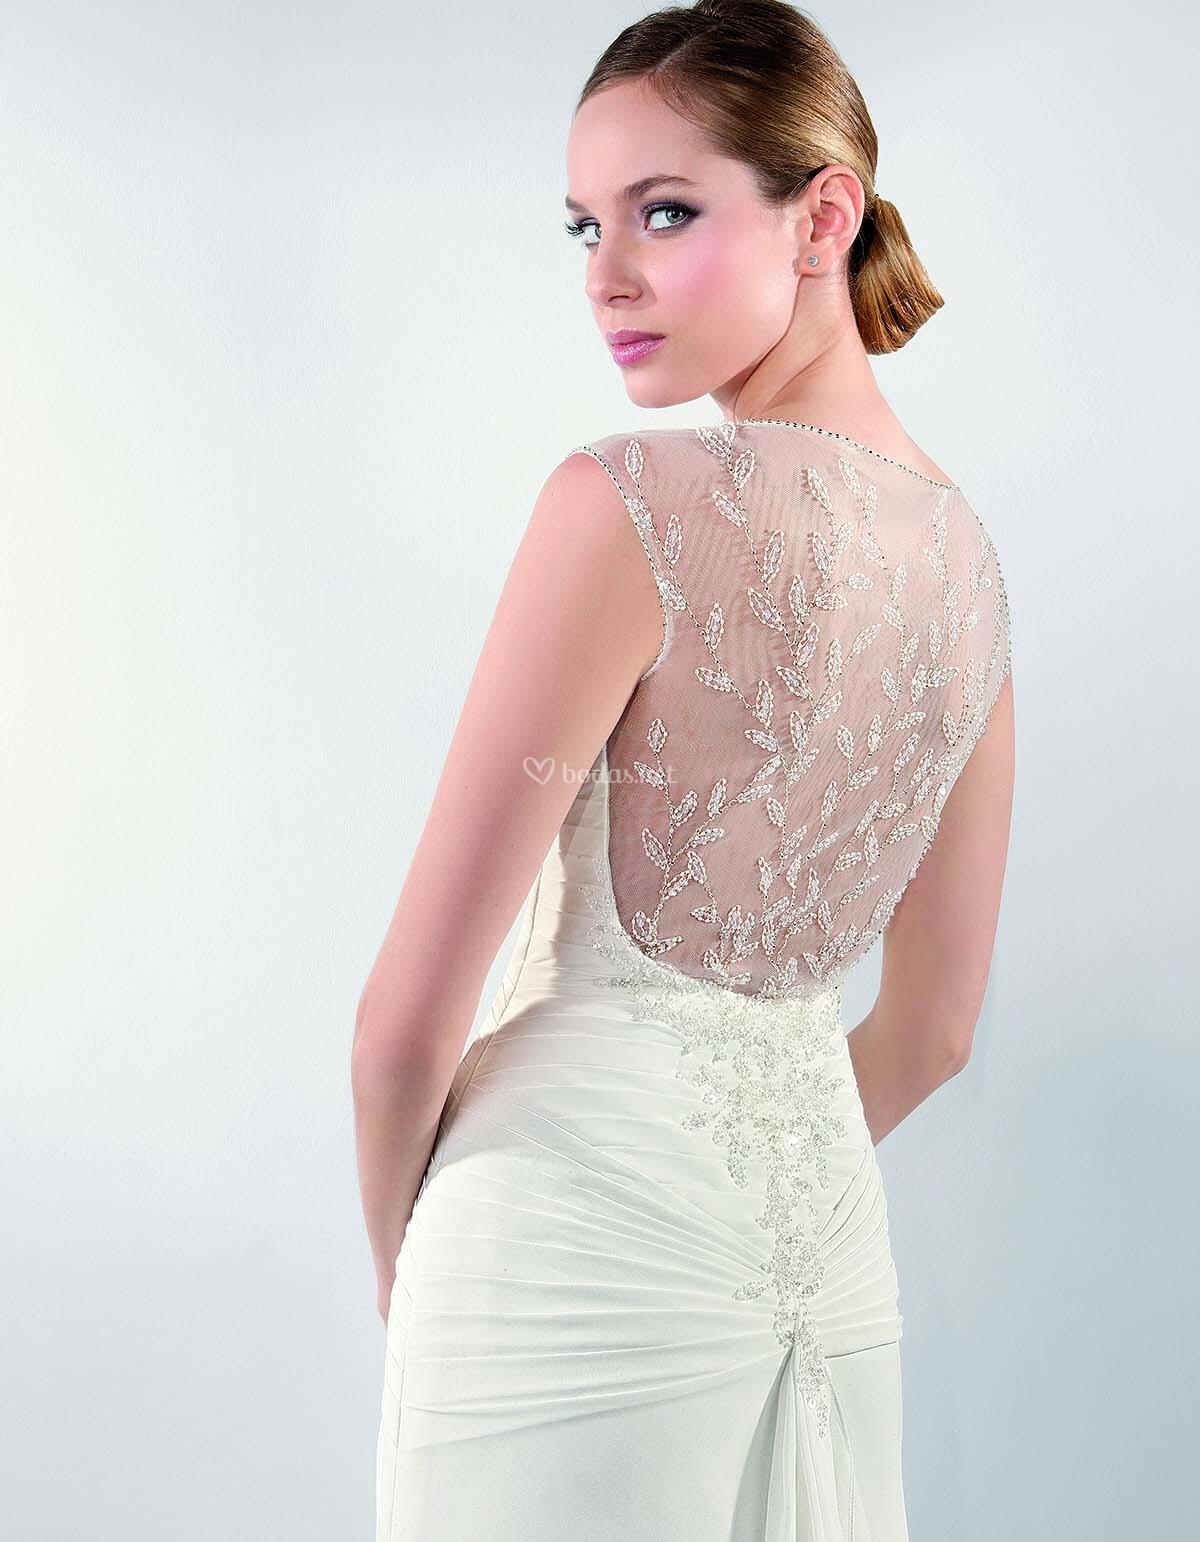 Vestido de Novia de Lugo Novias - 7134